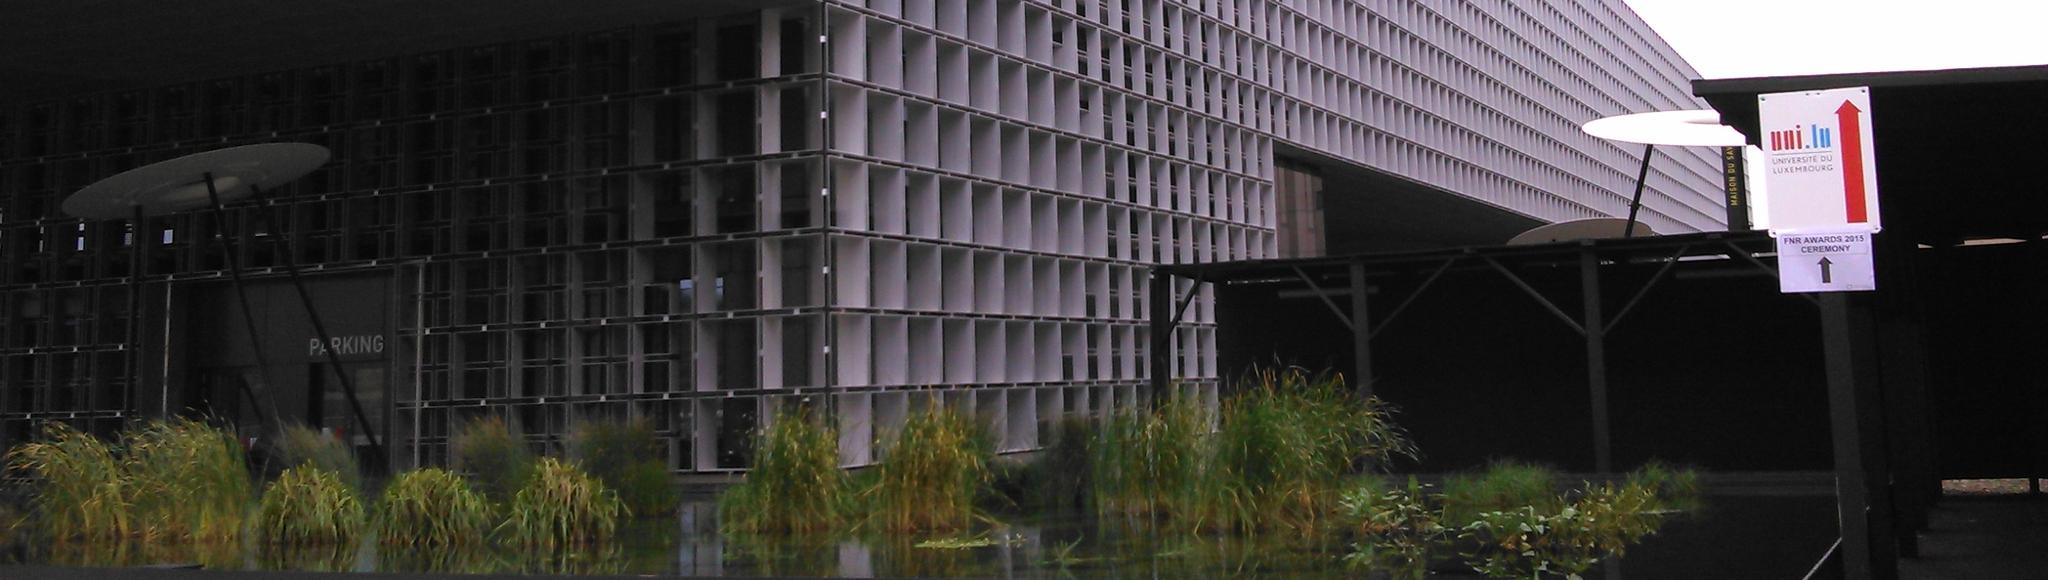 Campus Université de Luxembourg